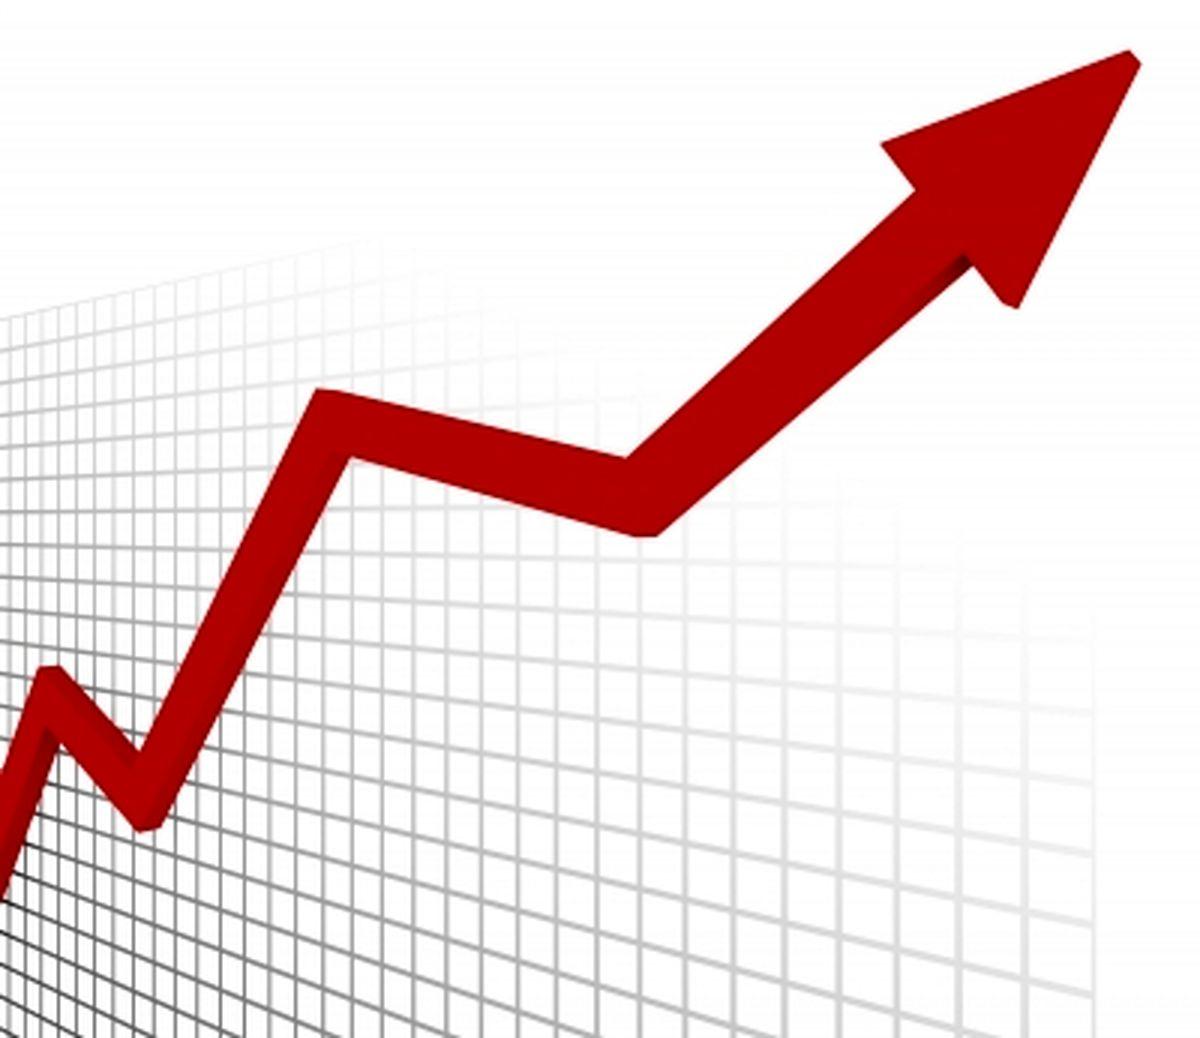 هیجان بازارسهام کمی فرو ریخت/رشد کمرمق شاخص کل